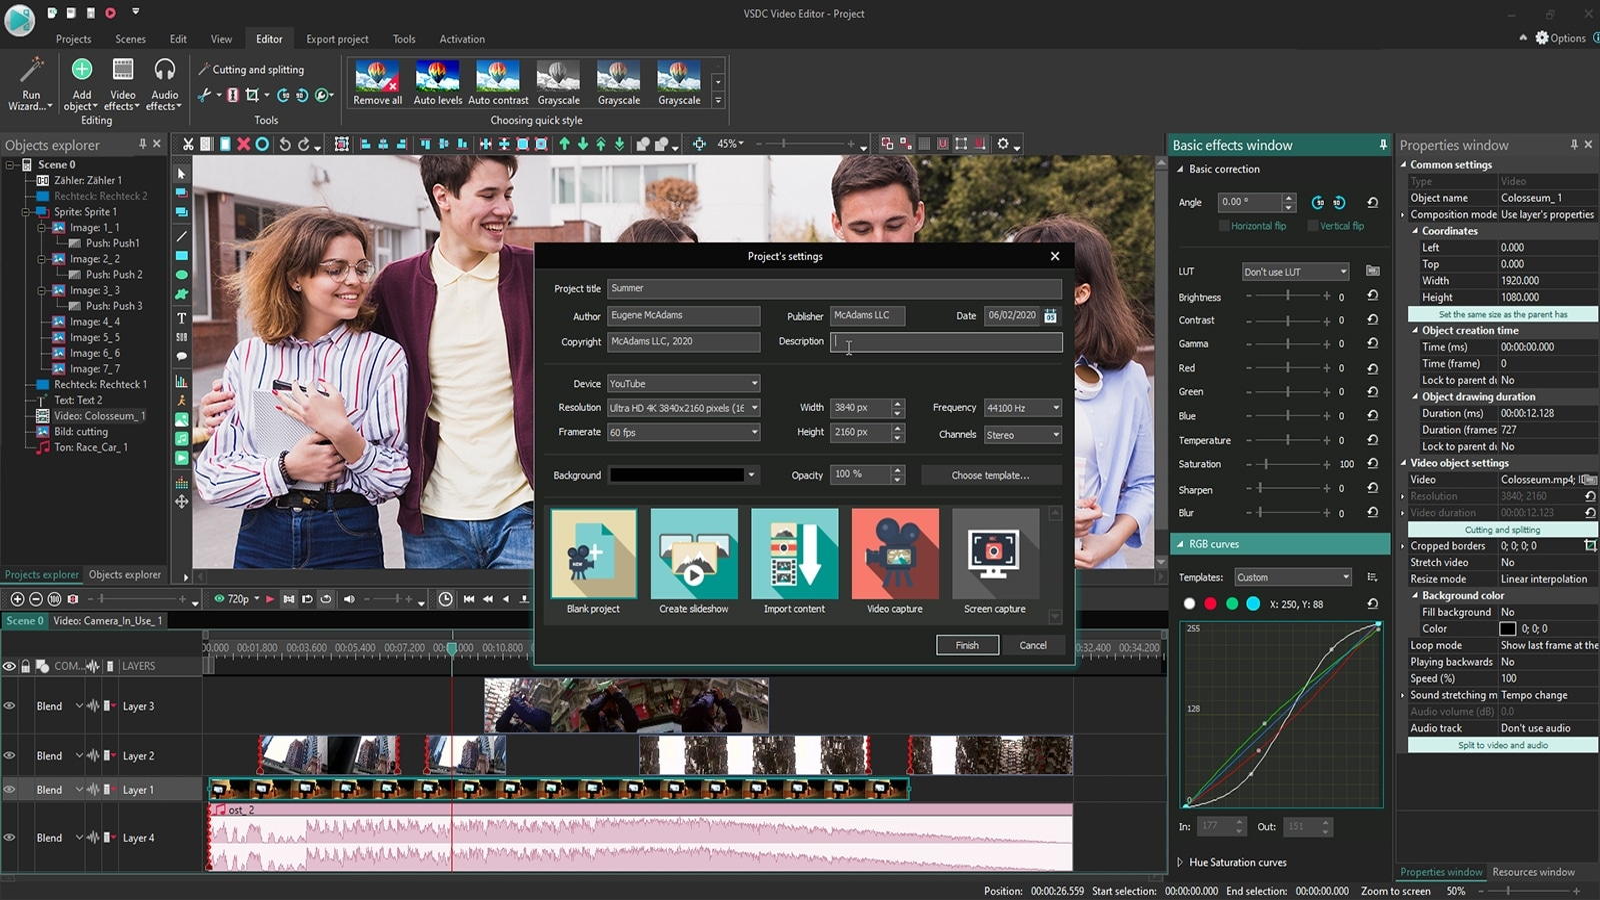 vsdc-free-video-editor-düzenleme